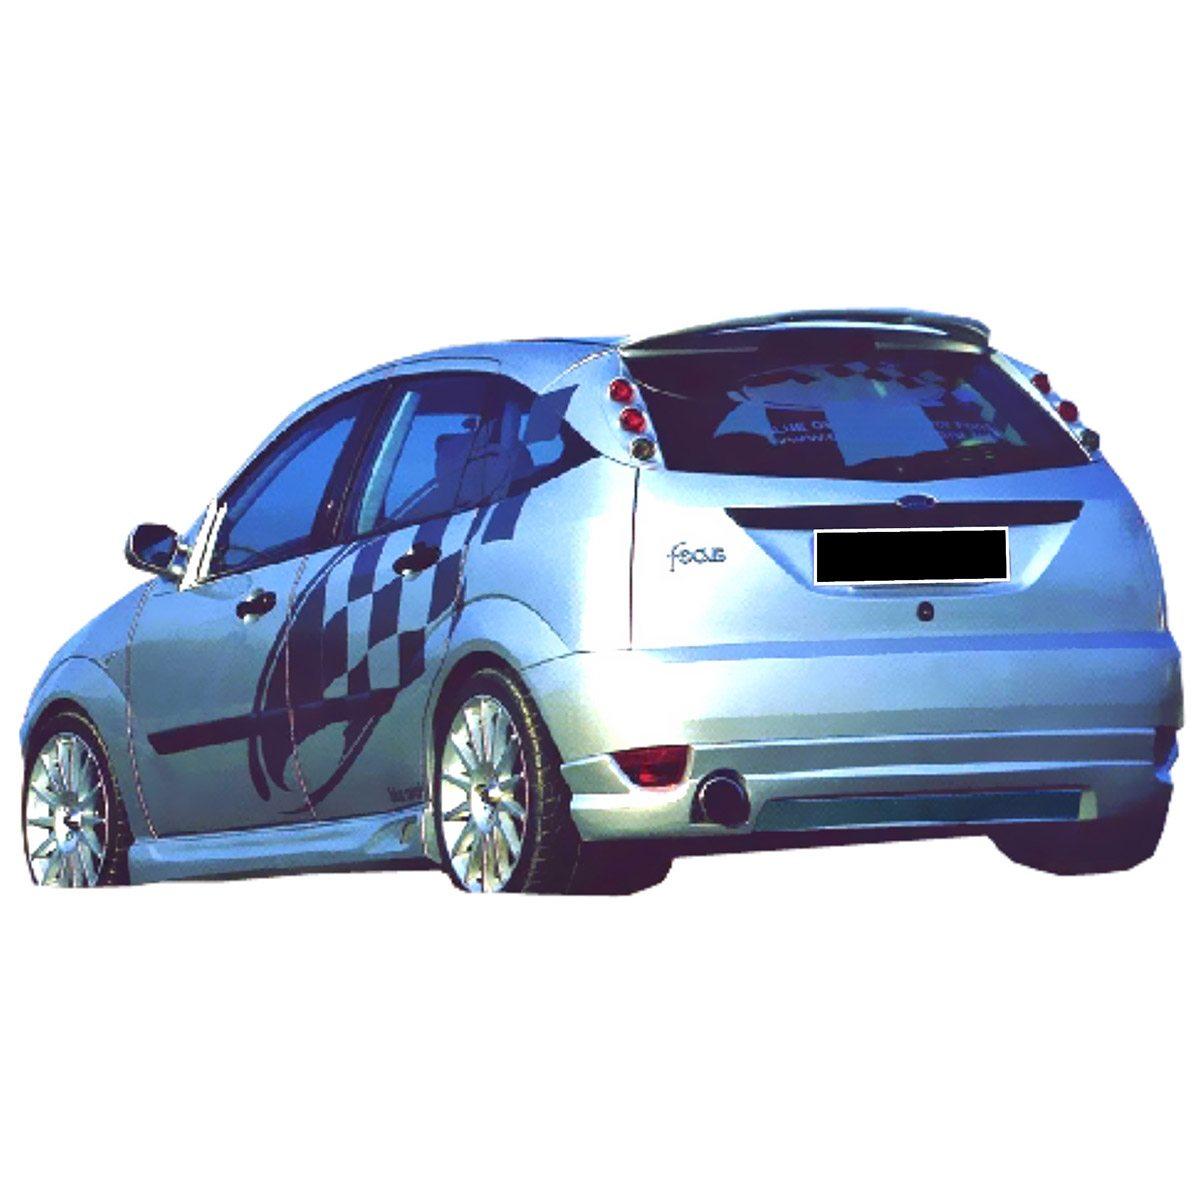 Ford-Focus-LSD-Emb-EBU0407